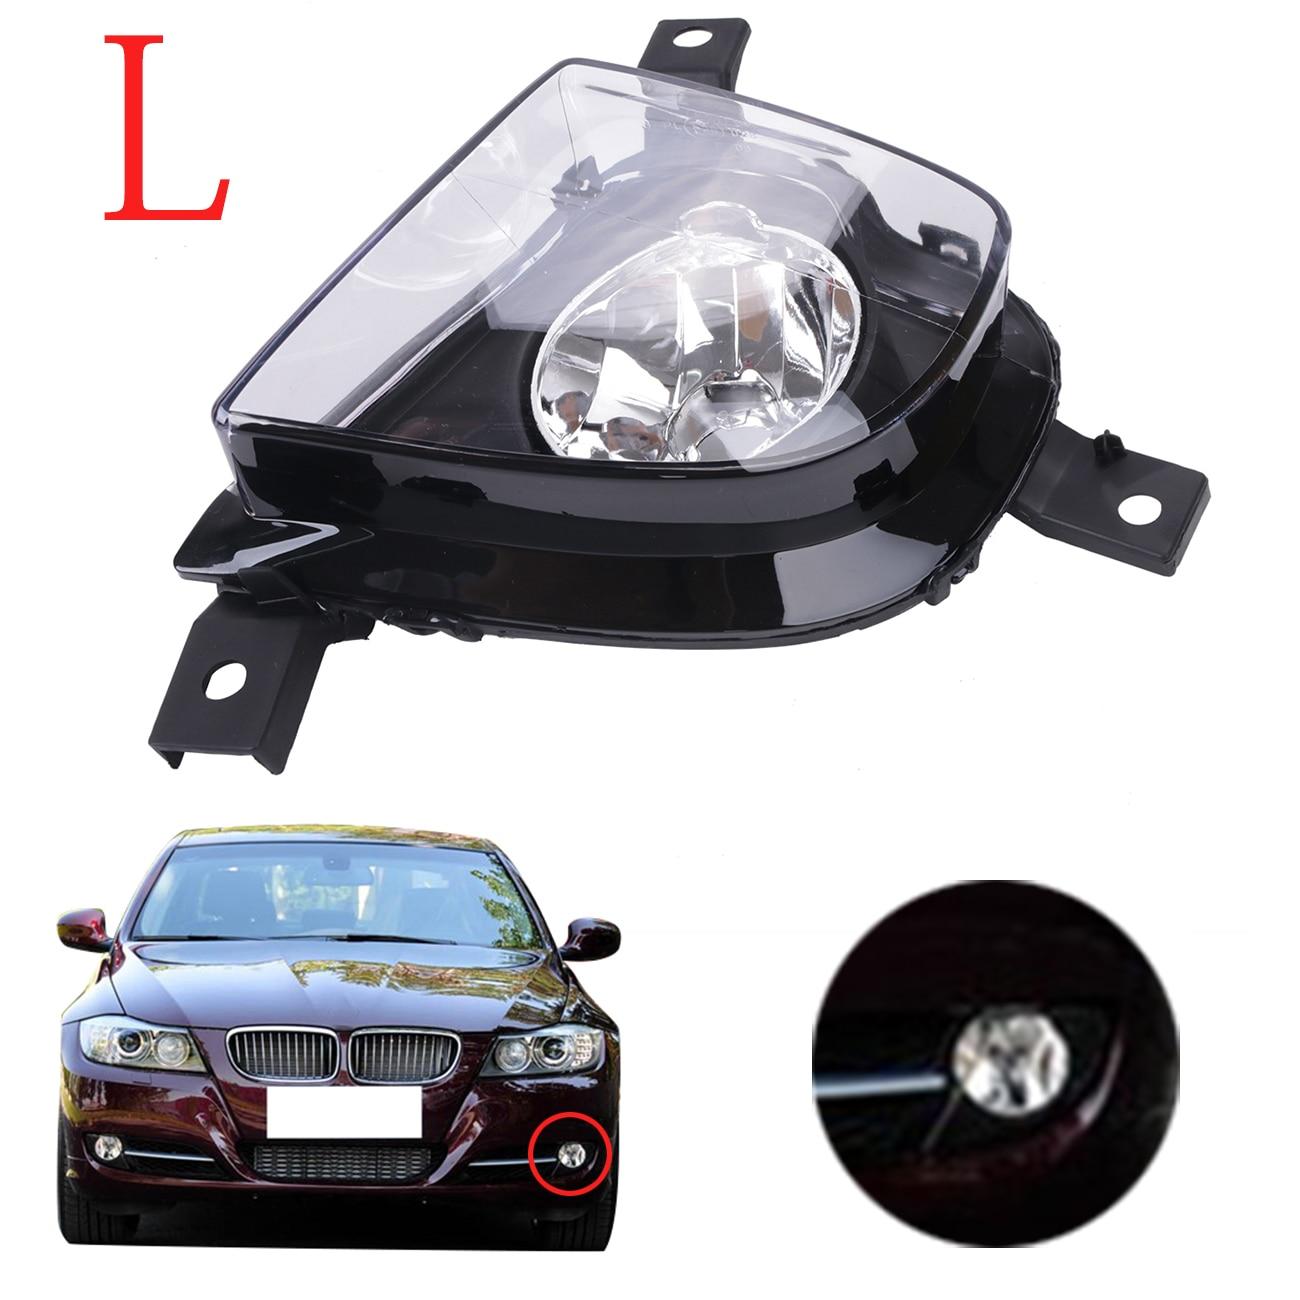 Left Side Fog Light Lamp Foglamp Cover For BMW 3 Series 328i 323i 335d 335i E90 E91 2009 2010 2011 OEM 63177199893 #W085-L<br><br>Aliexpress